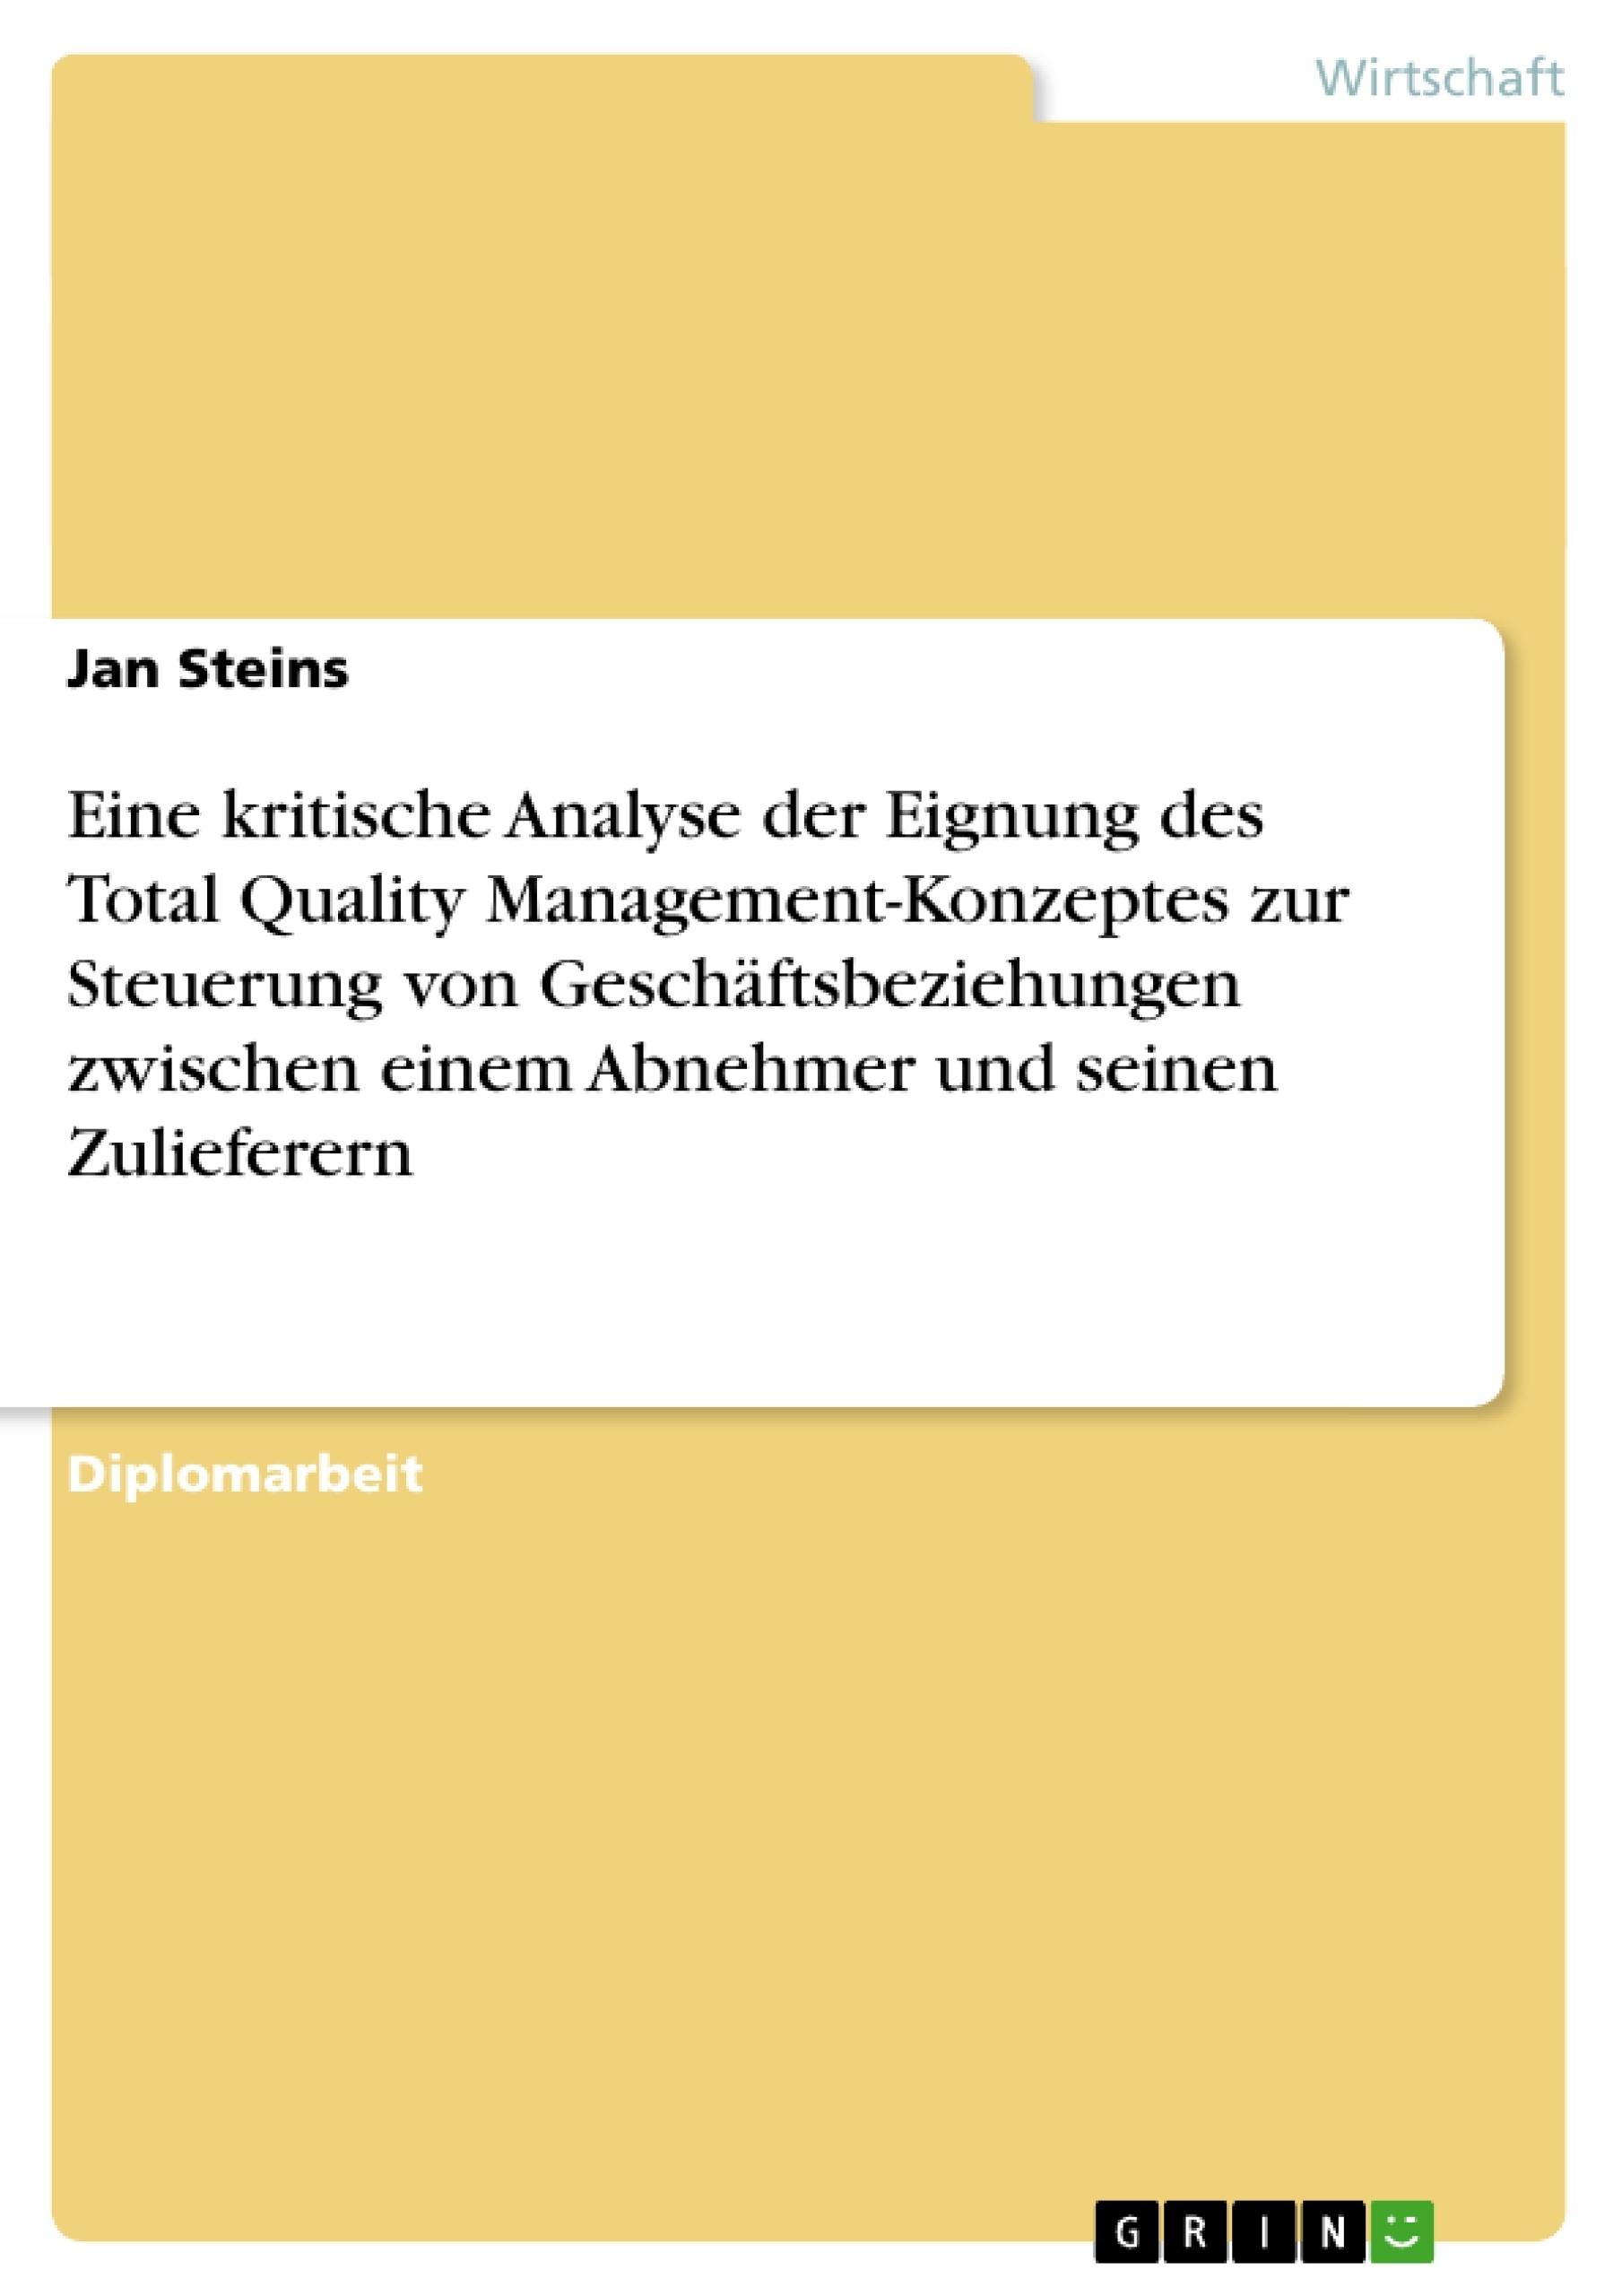 Titel: Eine kritische Analyse der Eignung des Total Quality Management-Konzeptes zur Steuerung von Geschäftsbeziehungen zwischen einem Abnehmer und seinen Zulieferern